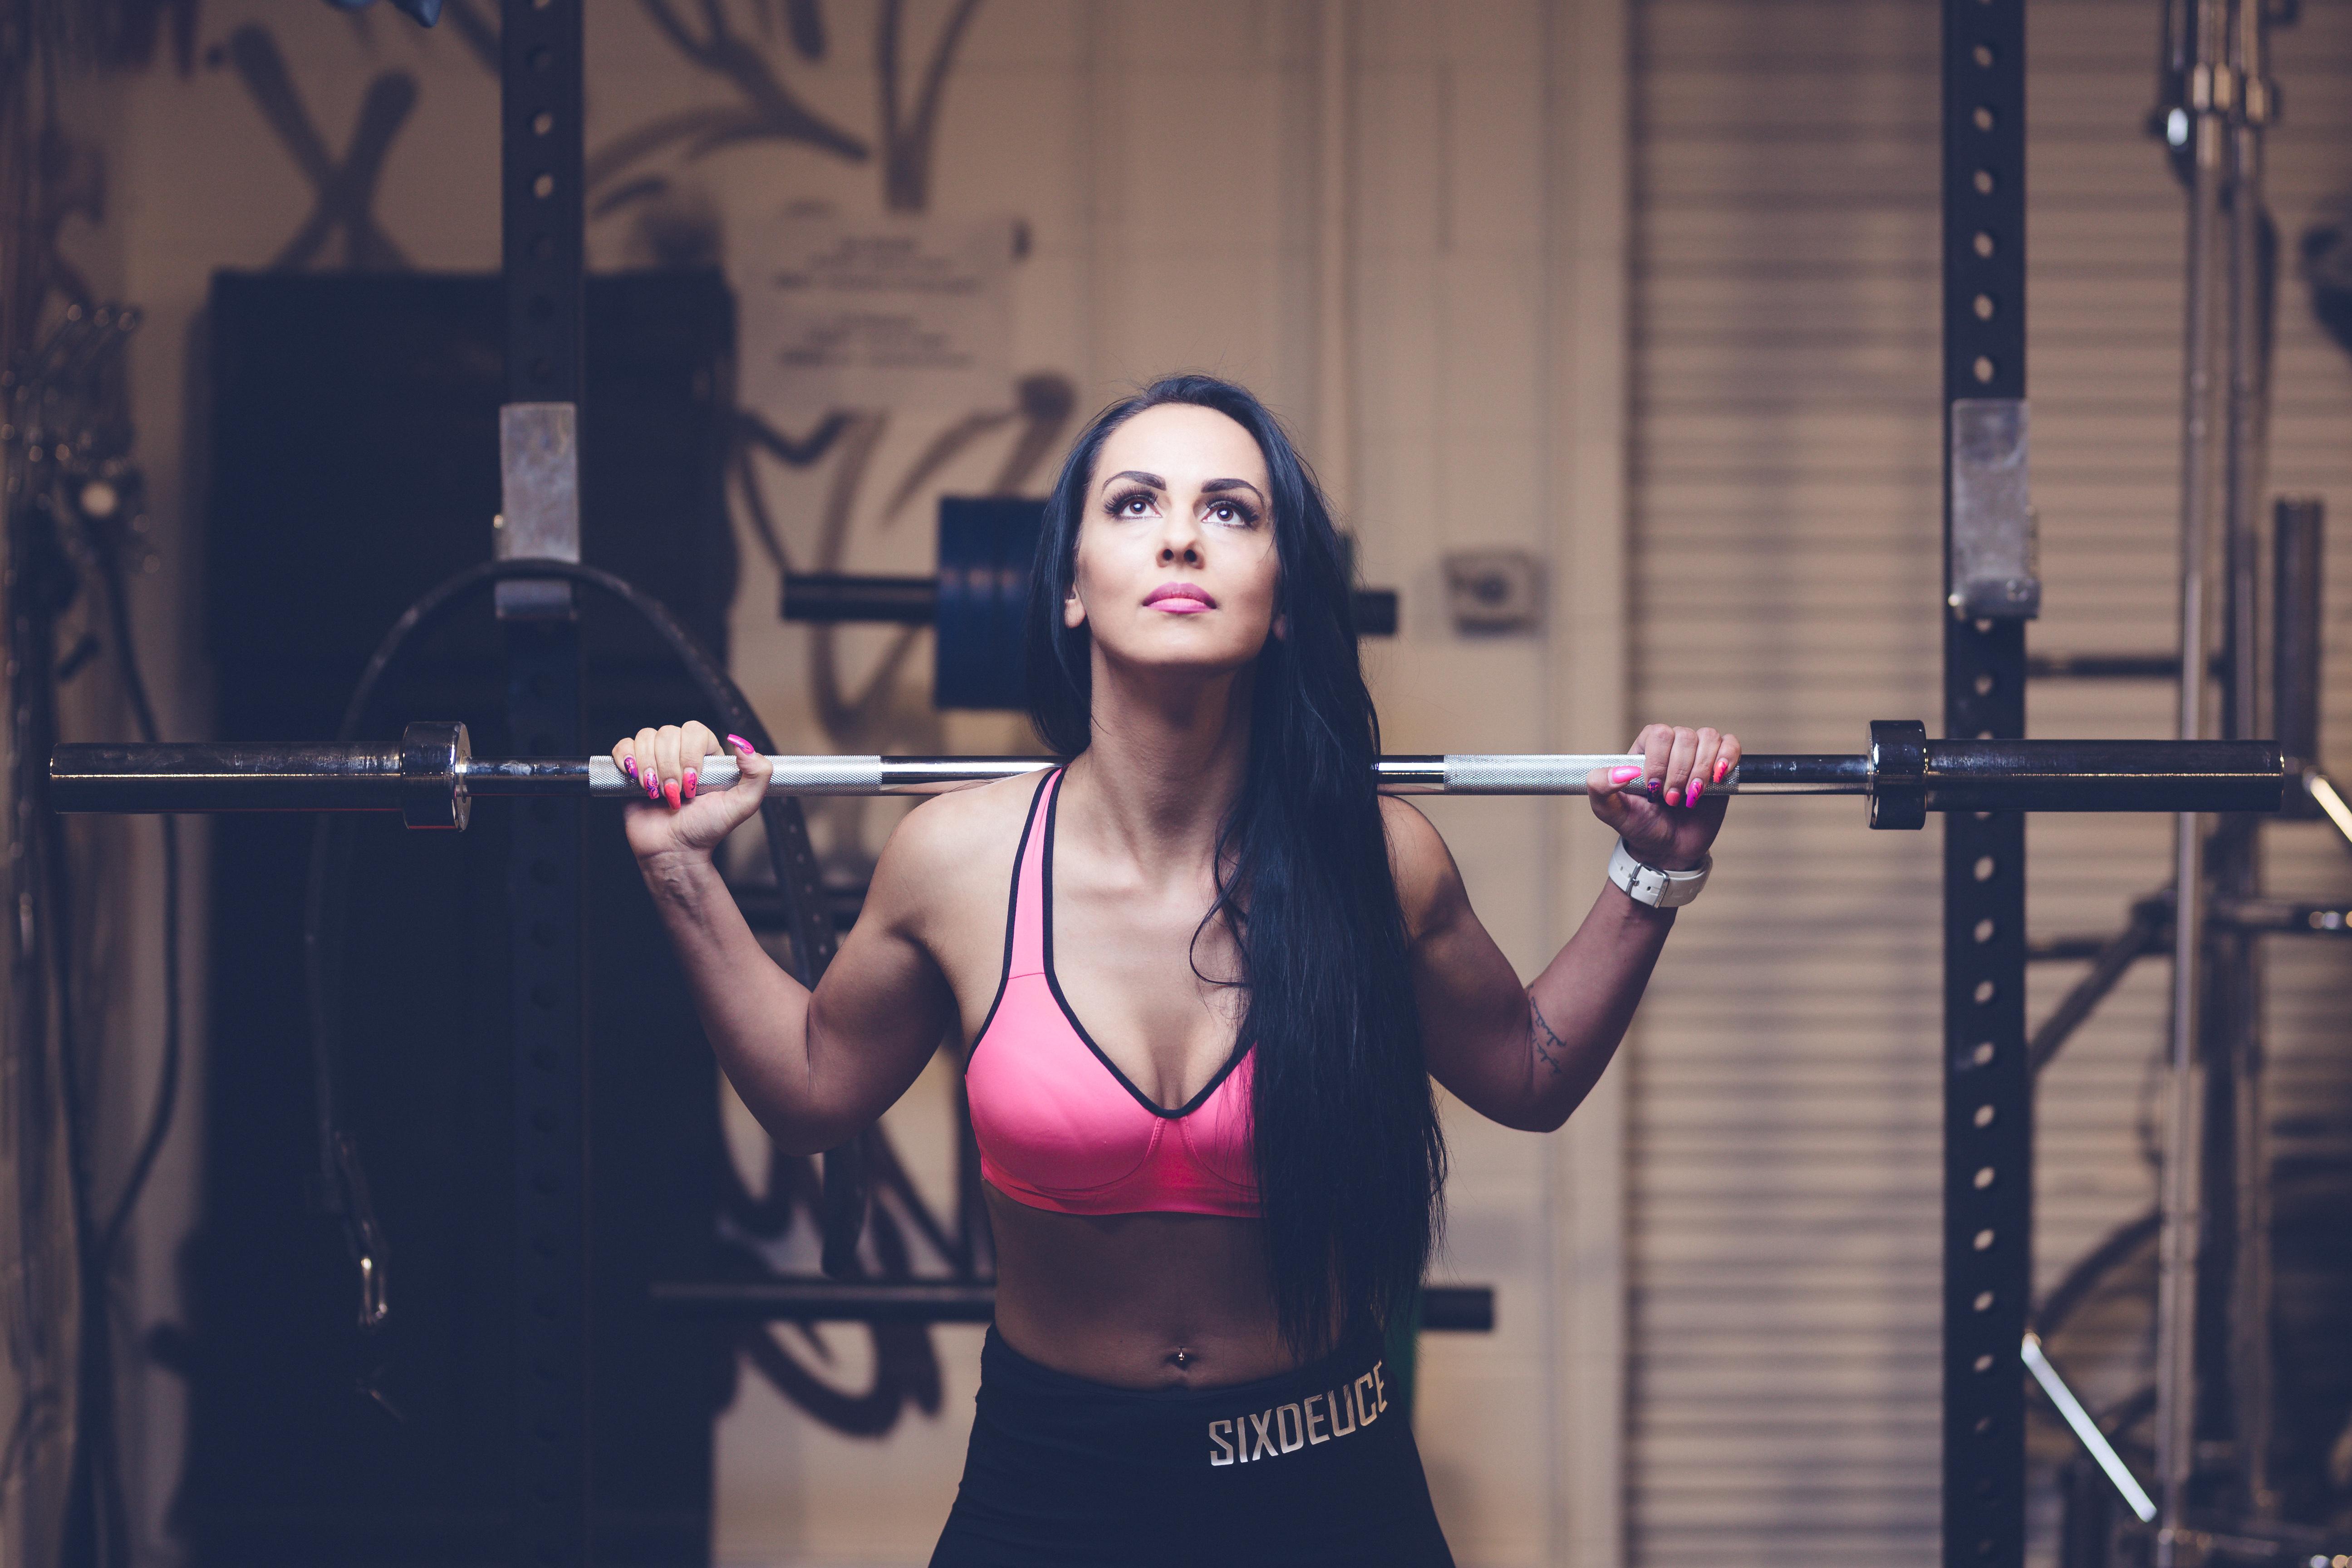 fitness naise pildistamine jõusaalis